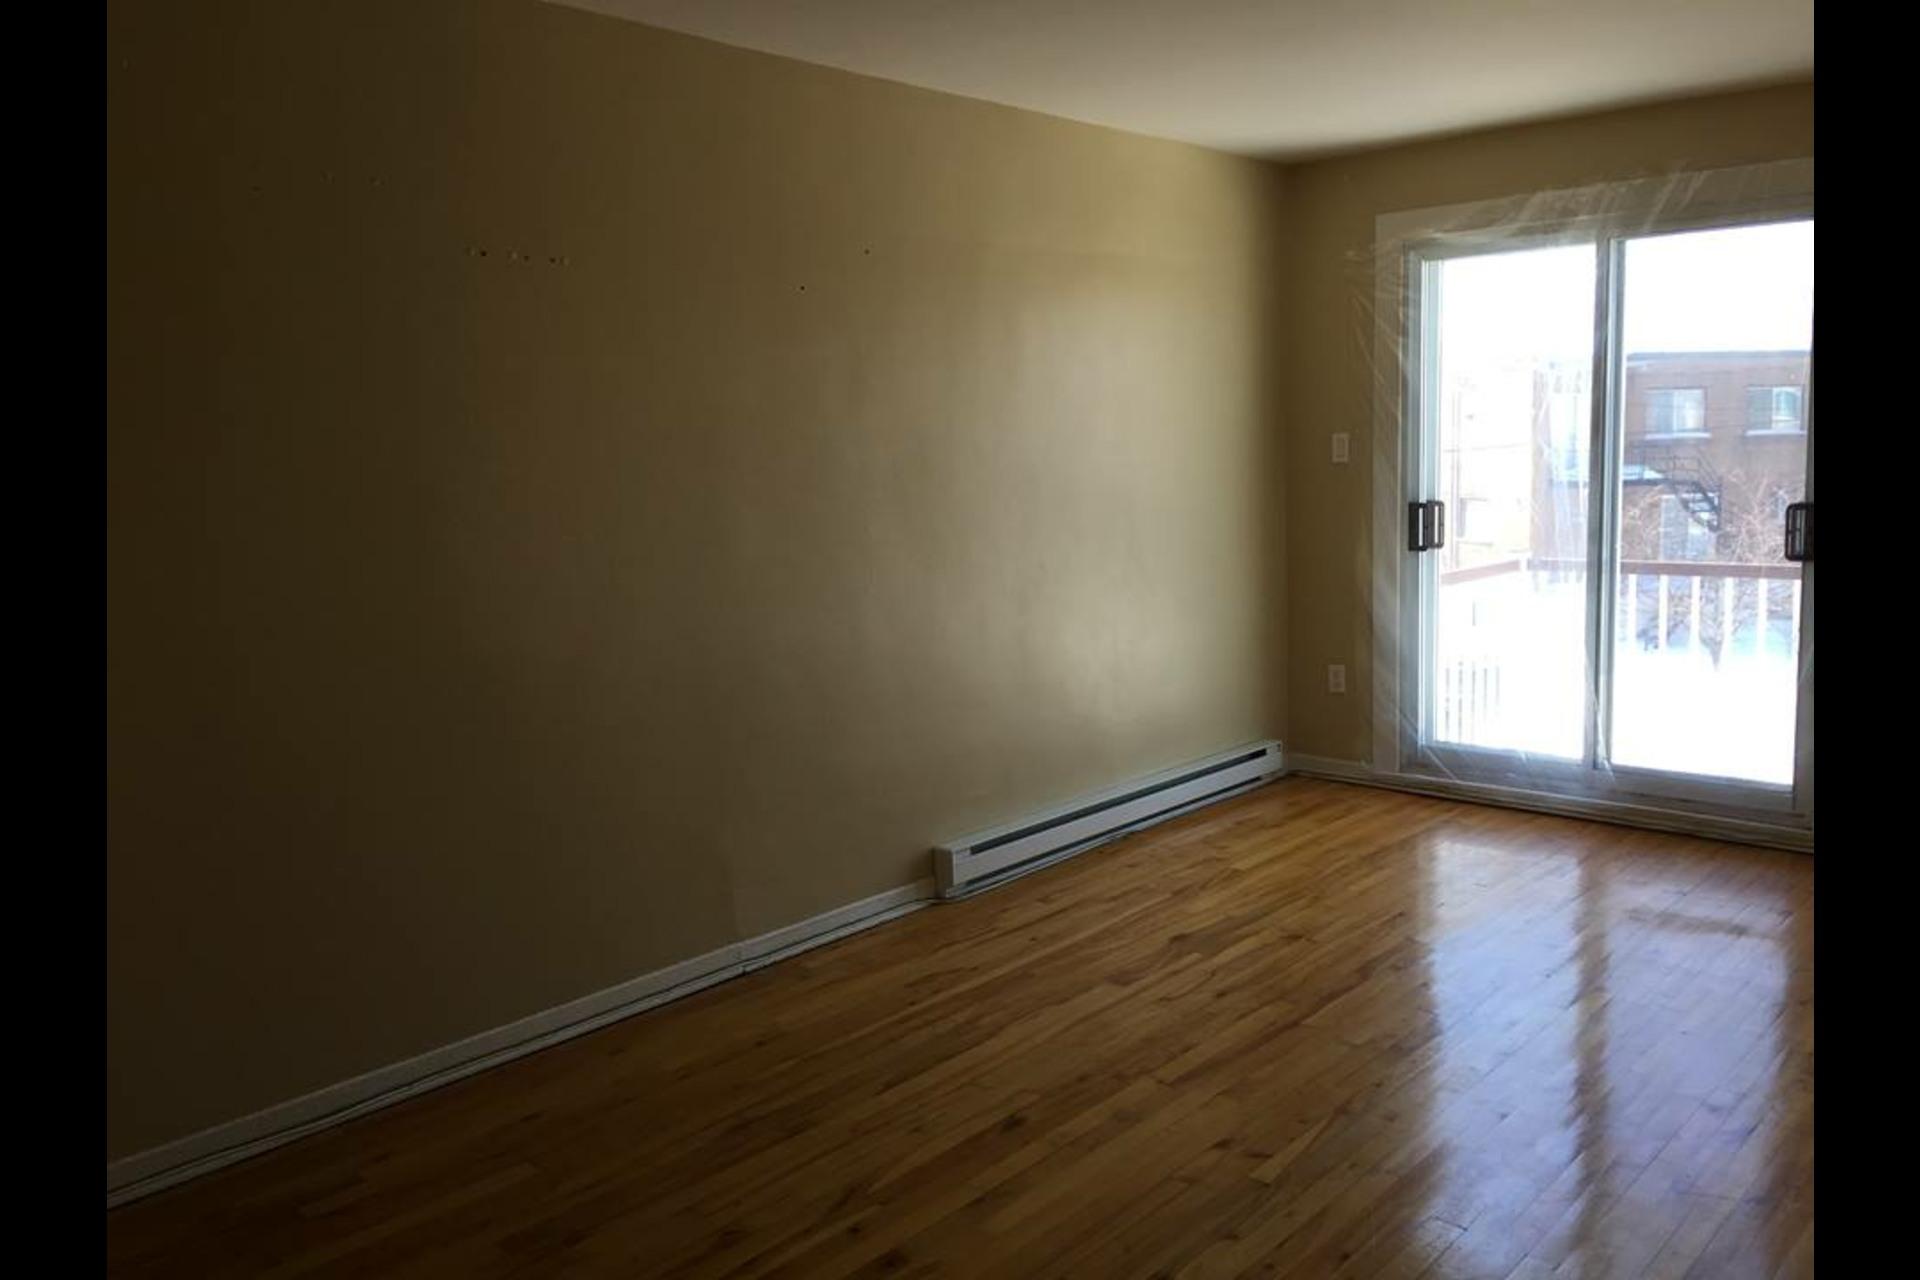 image 1 - Appartement À louer Montréal Saint-Leonard - 4 pièces